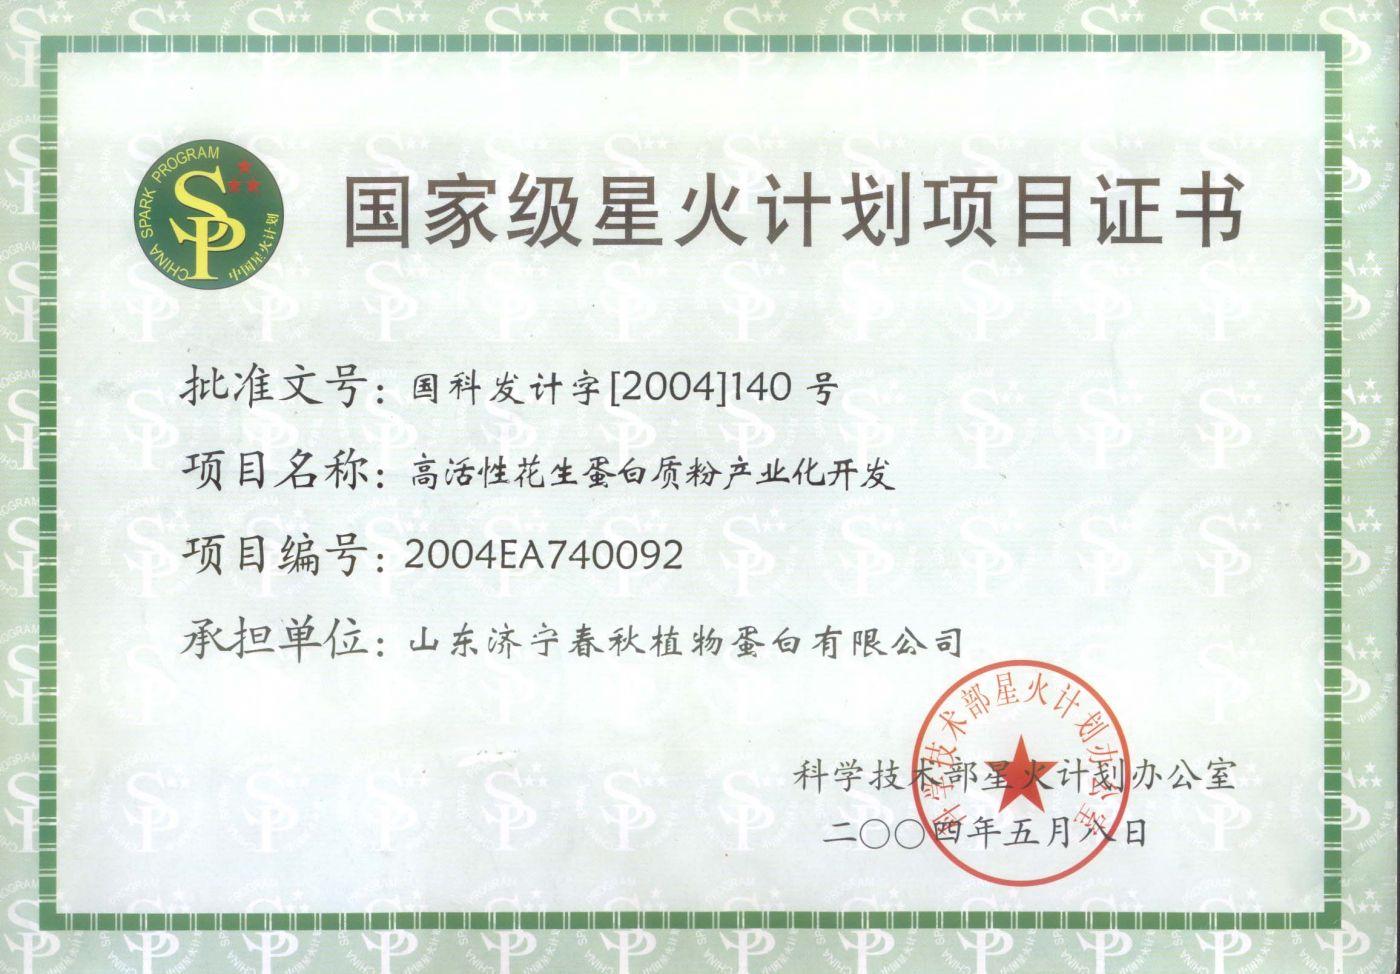 中国有了高活性蛋白质之四_图1-5